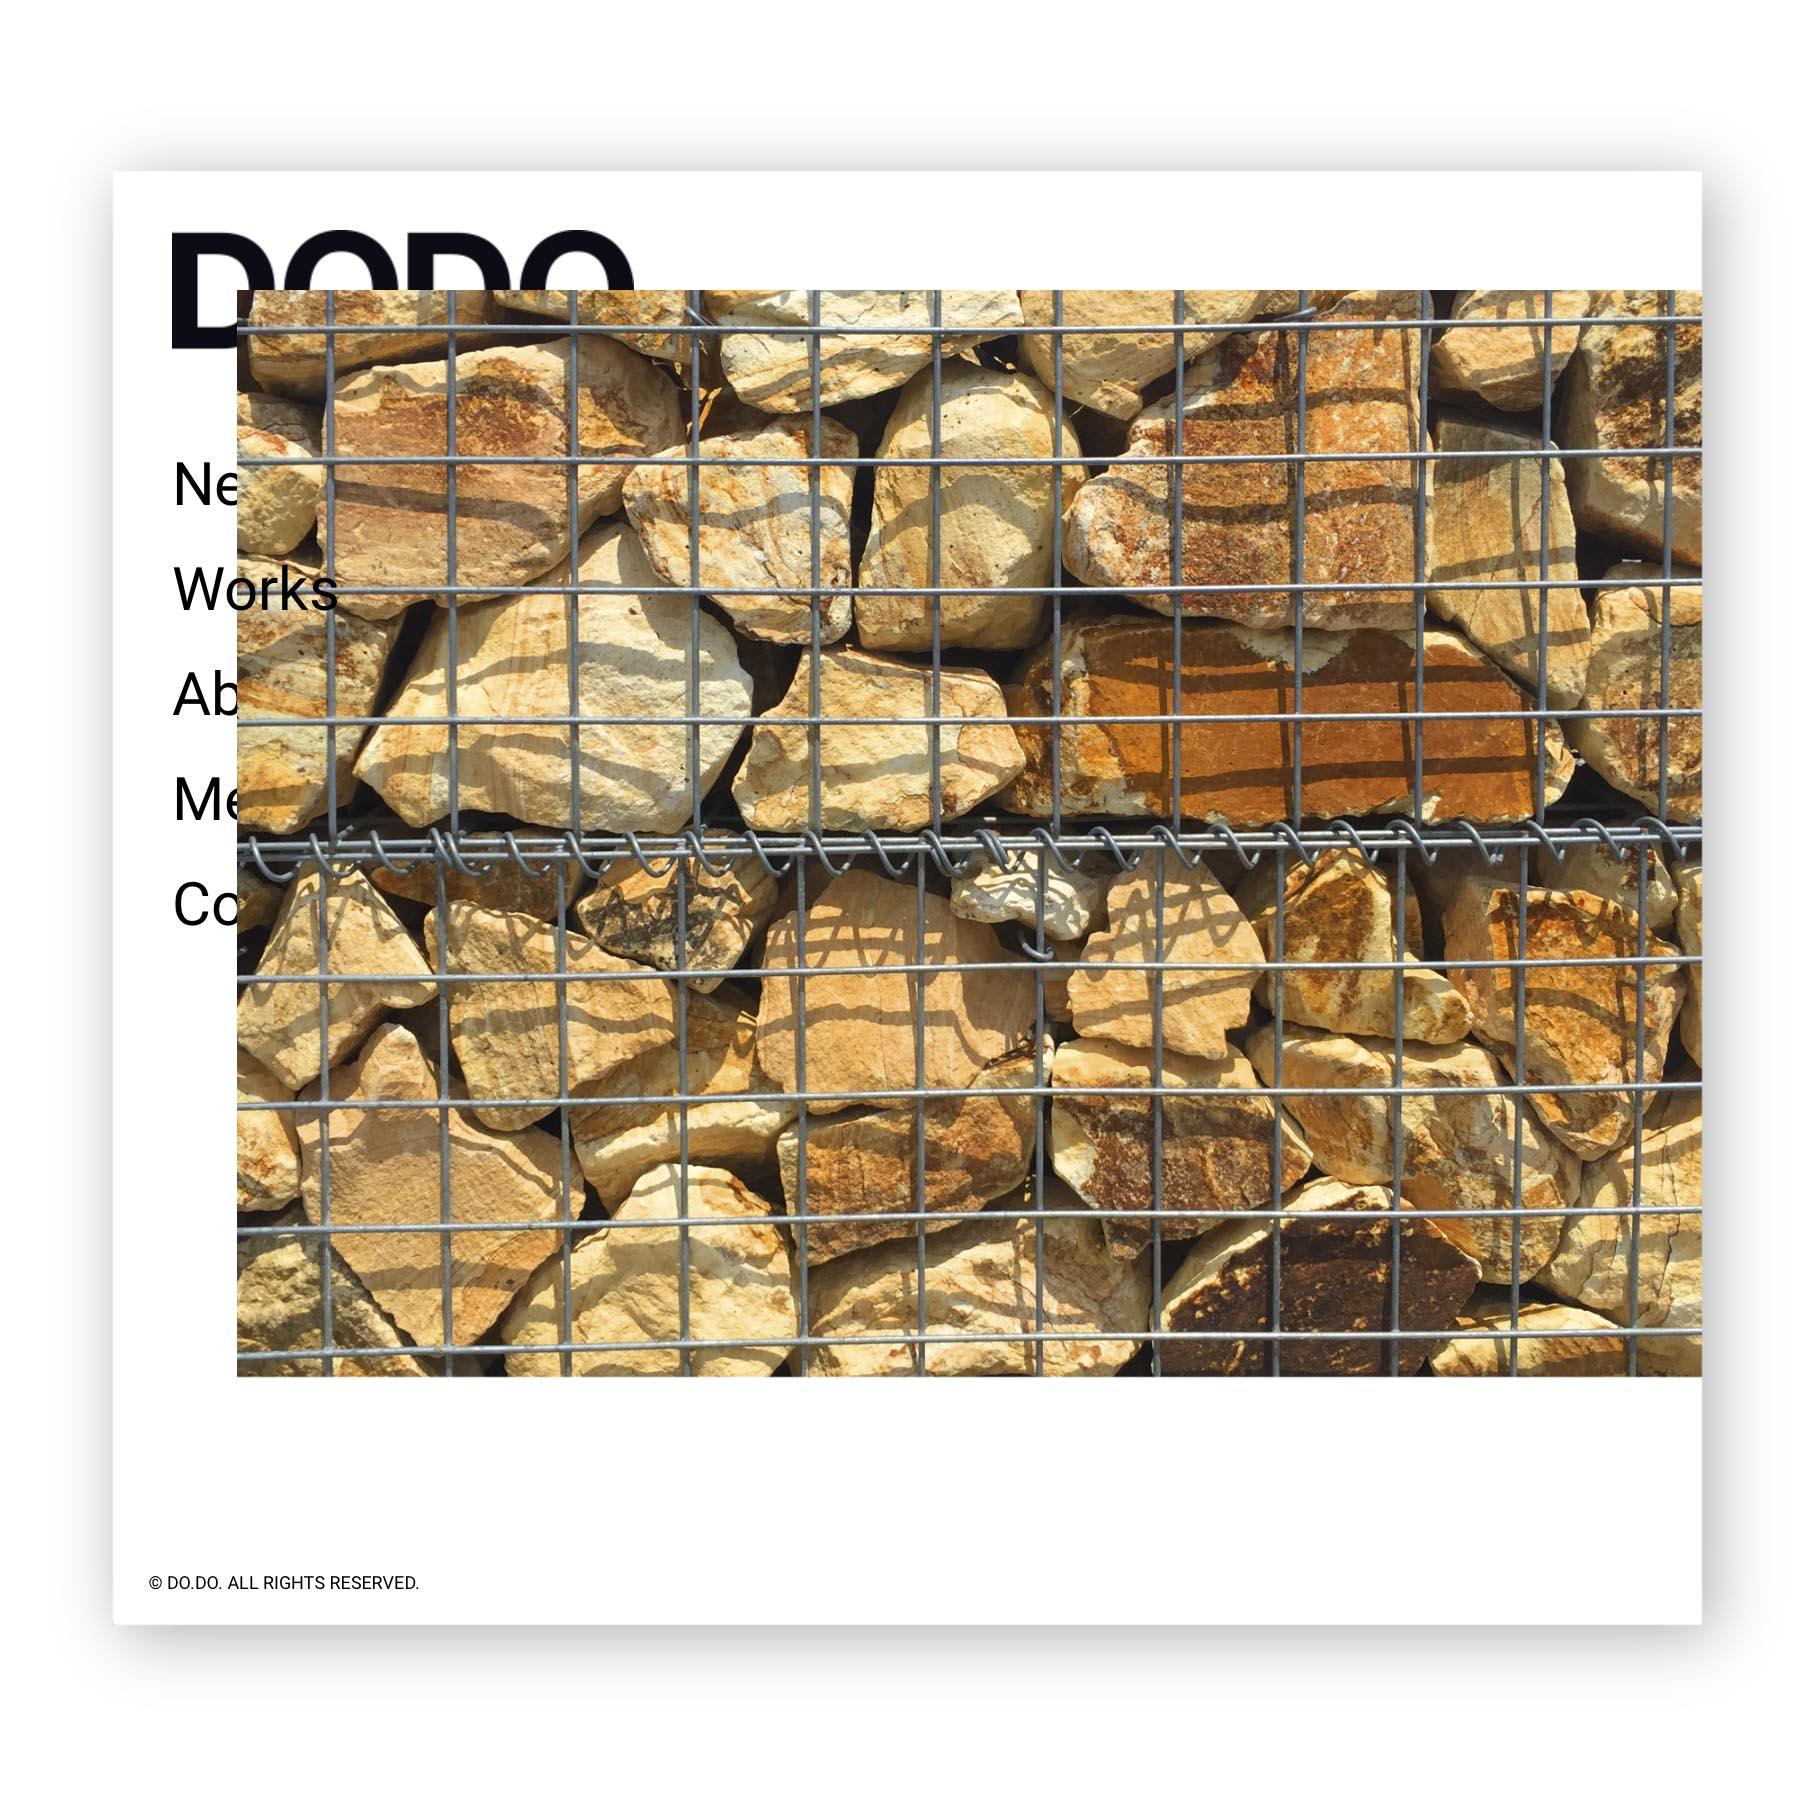 dodo_web_02